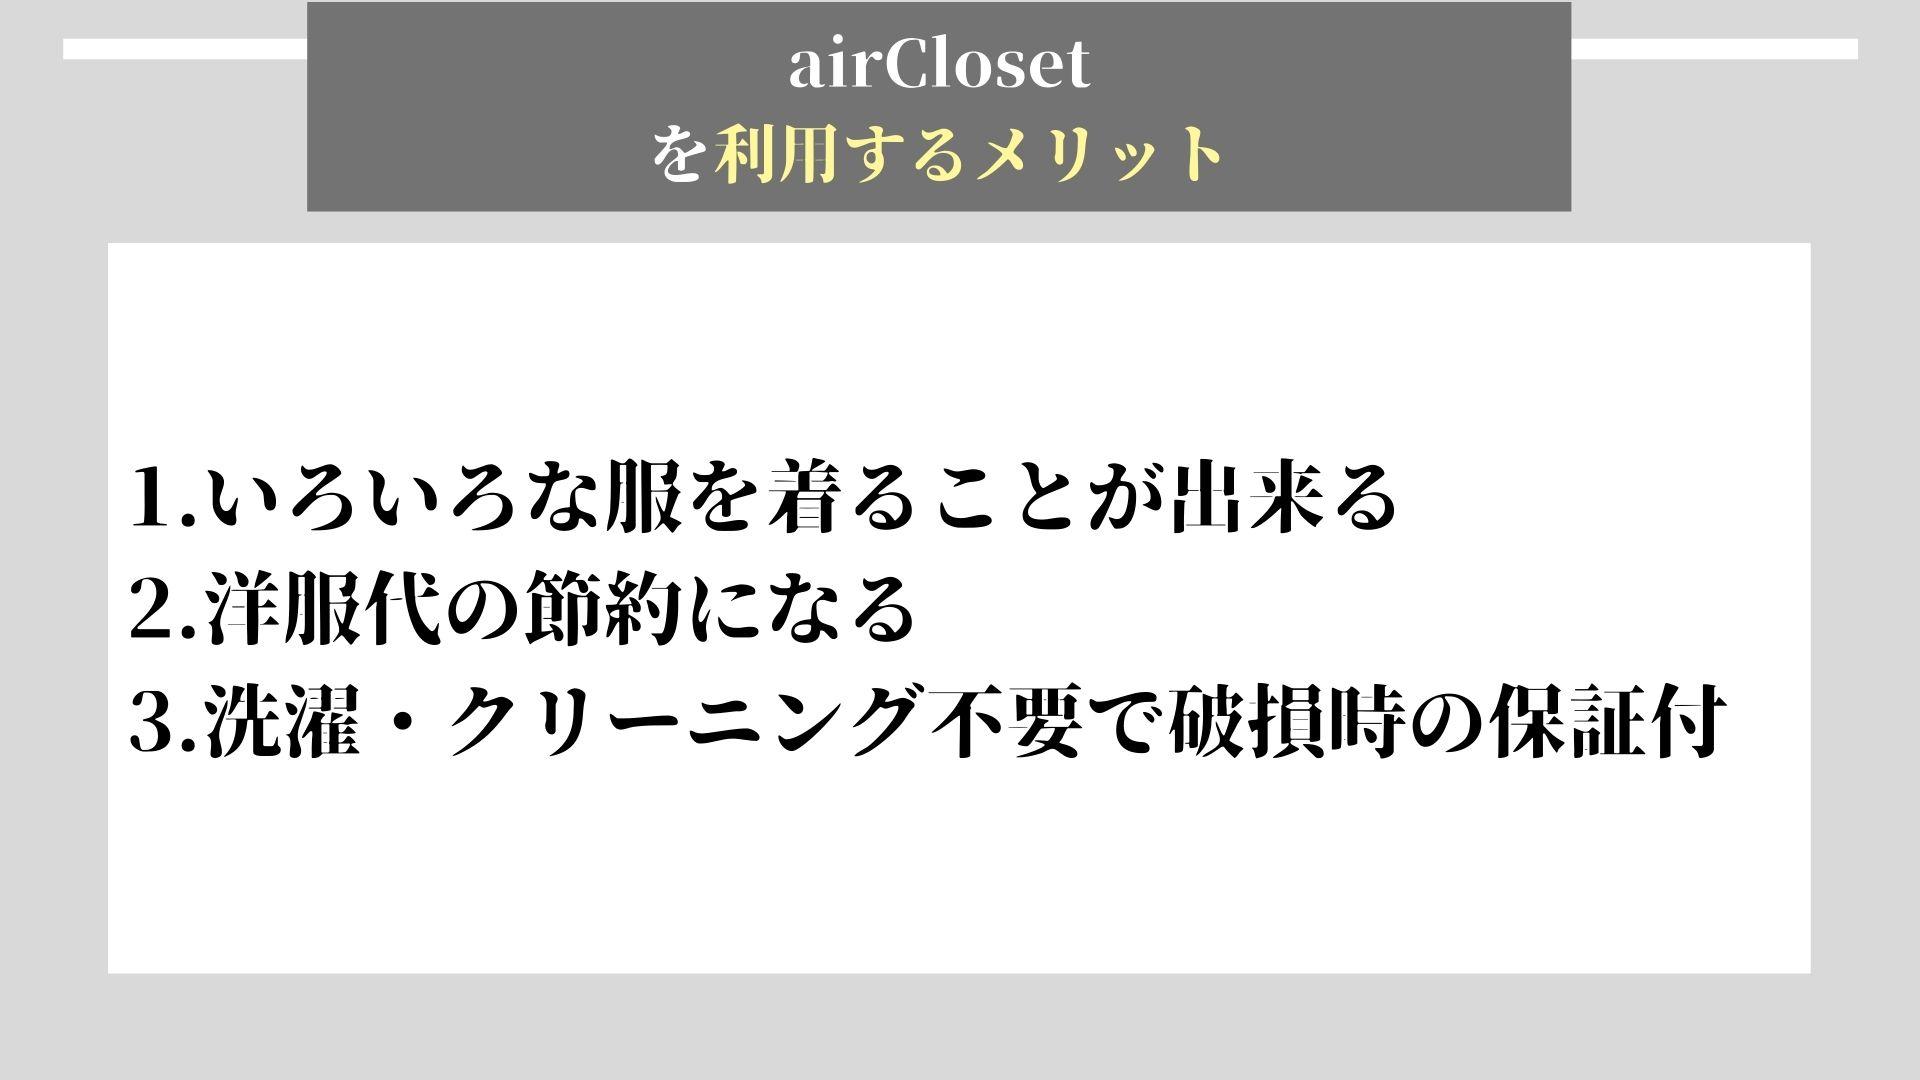 aircloset メリット